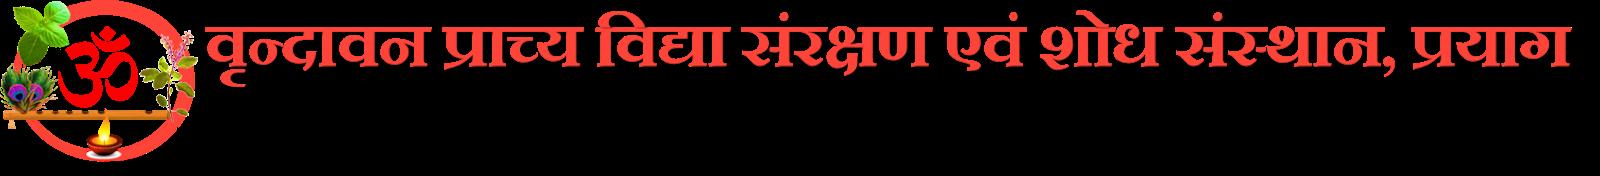 Vrindavan Prachya Vidya Sanrakshan Evam Sodh Sansthan, Allahabad